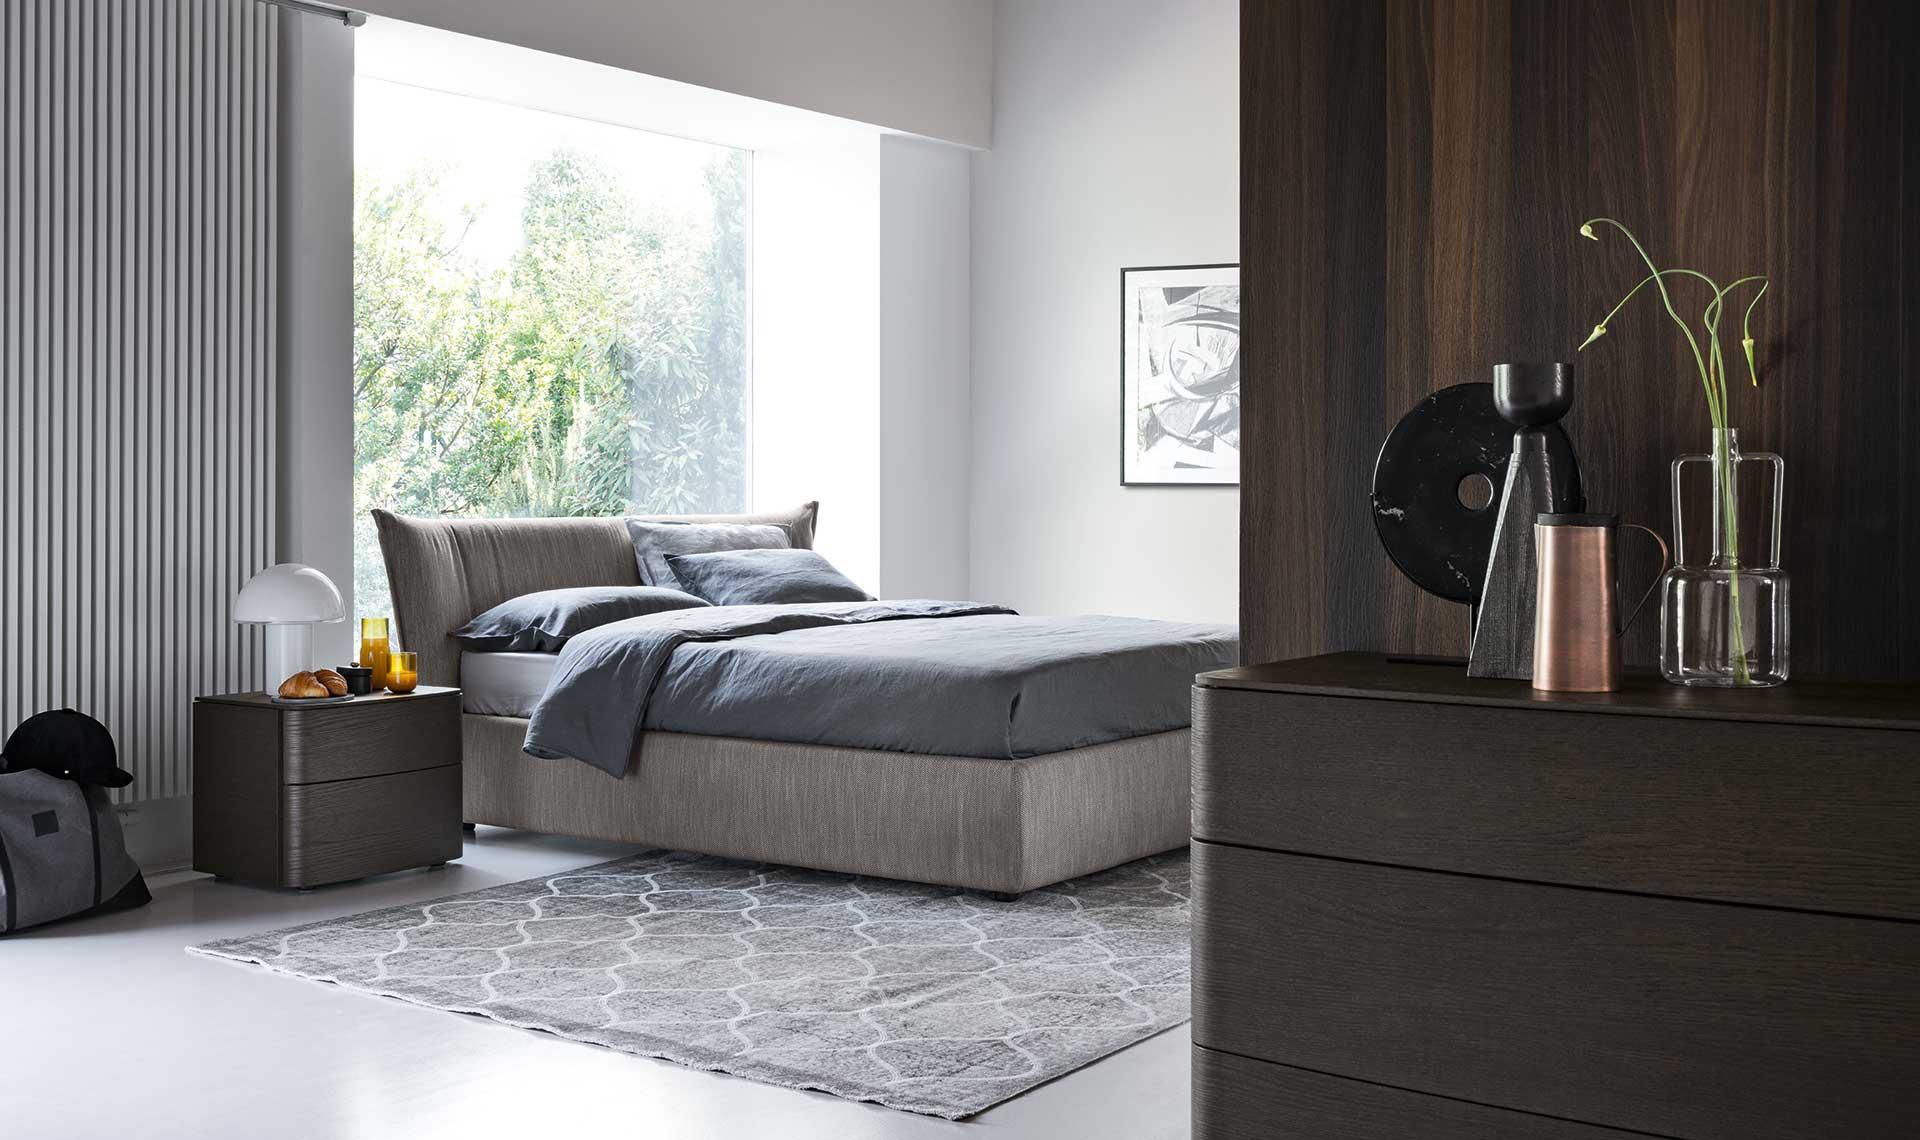 Miłych snów – sypialnia idealna